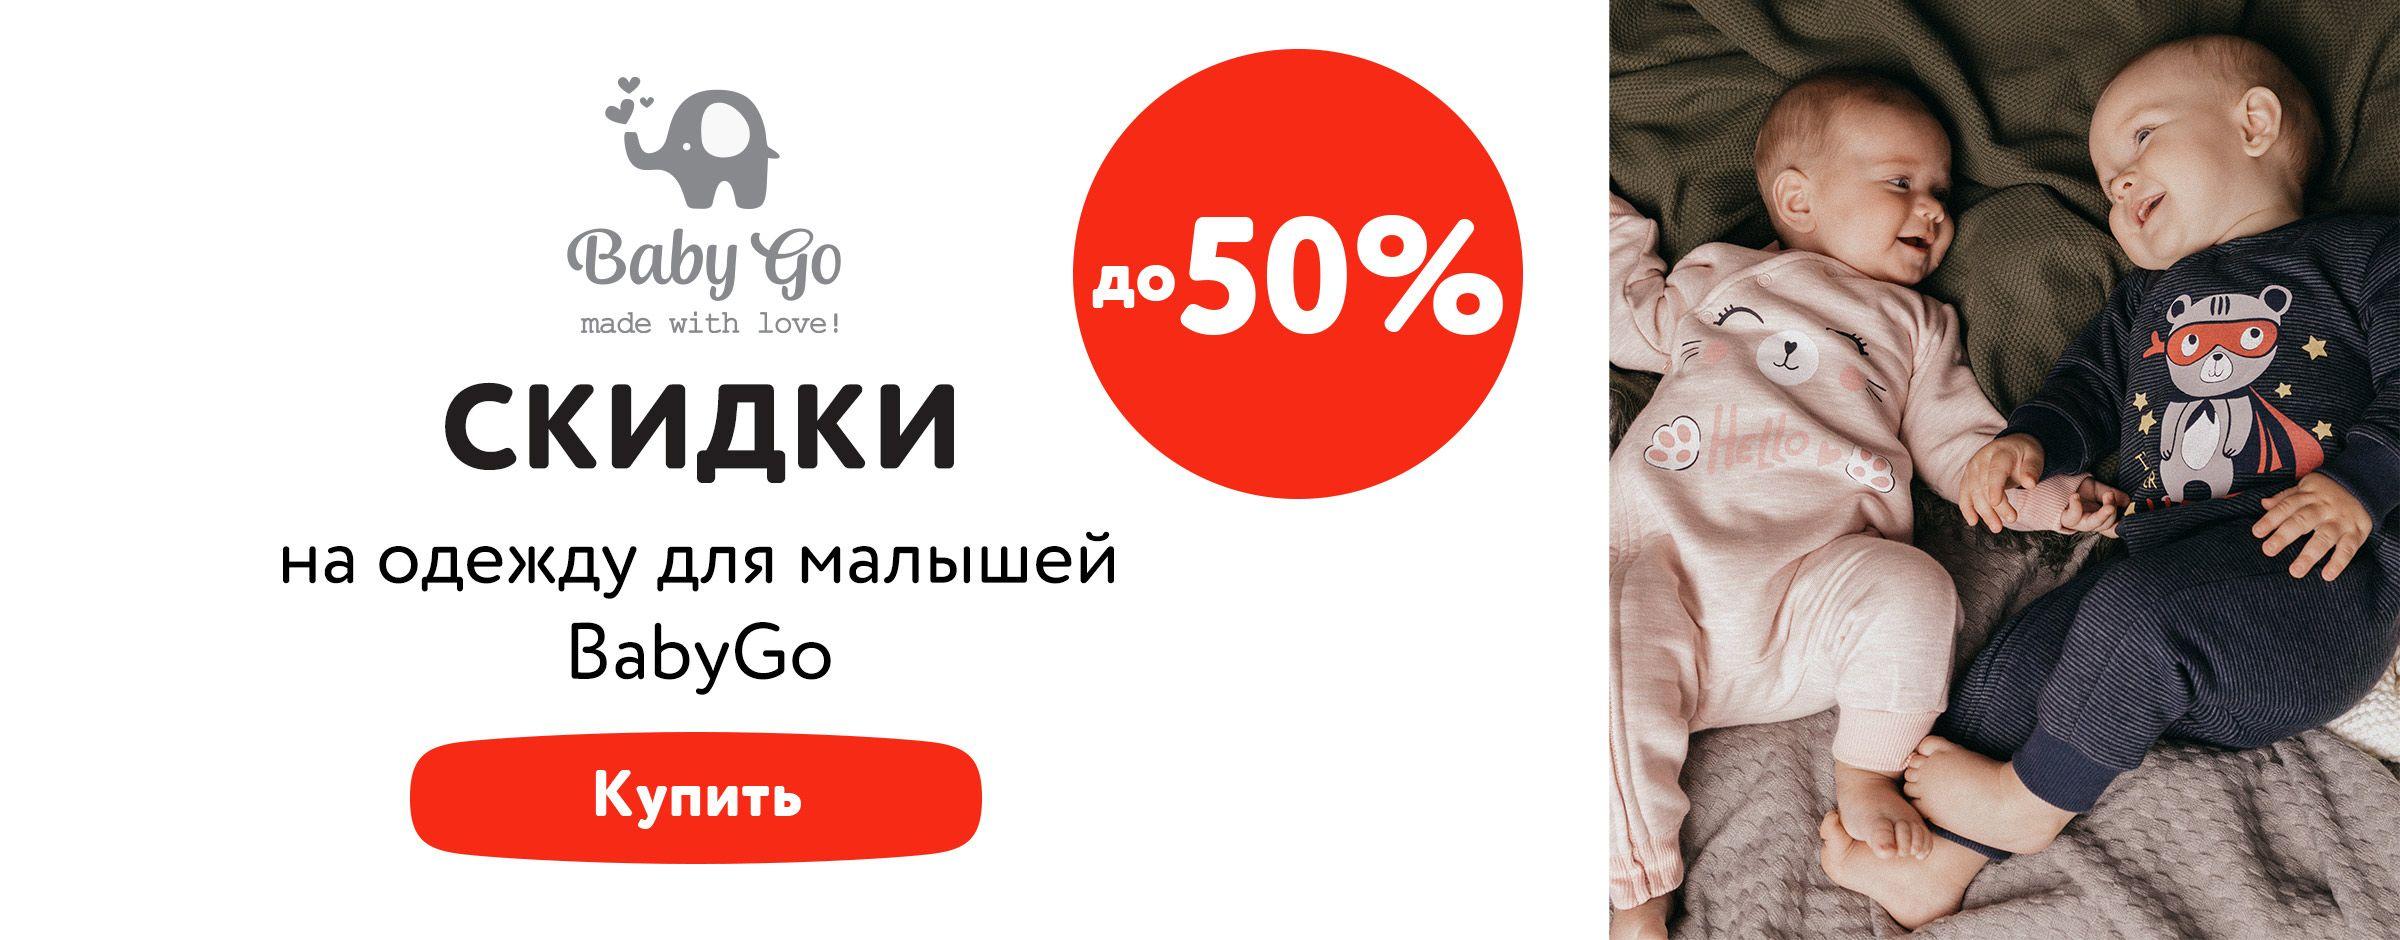 Скидки до 50% на одежду для малышей BabyGo